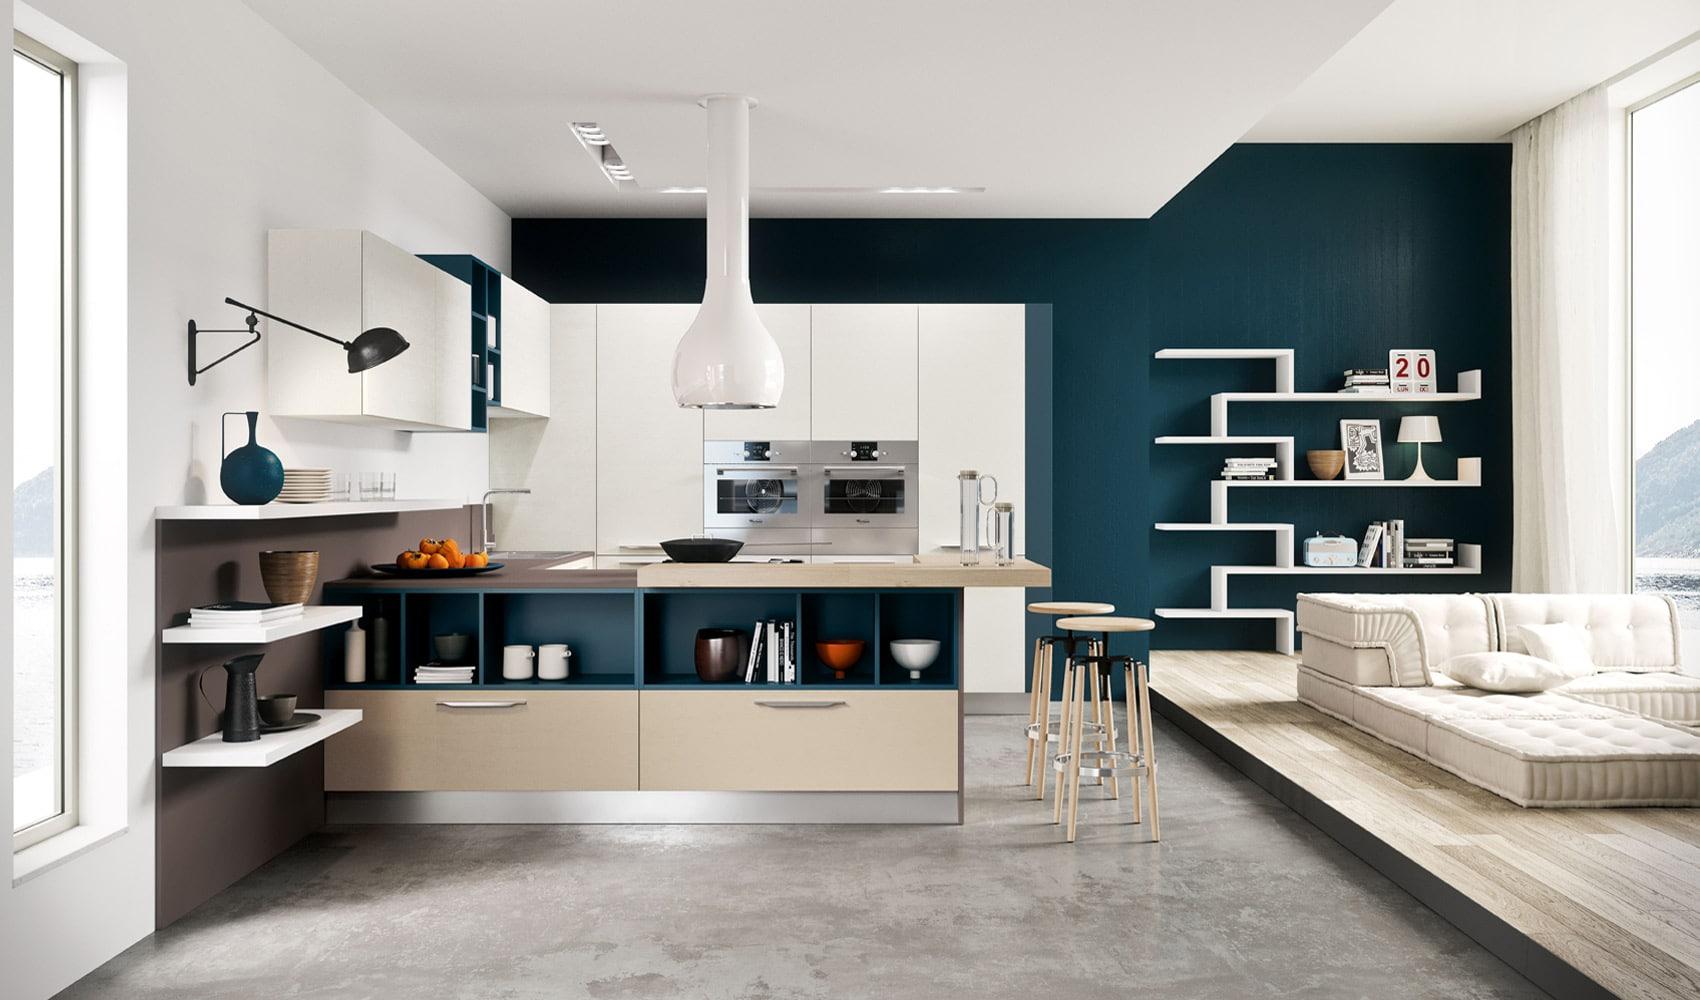 Dise o de cocinas modernas al estilo arte pop construye for Diseno de cocinas minimalista